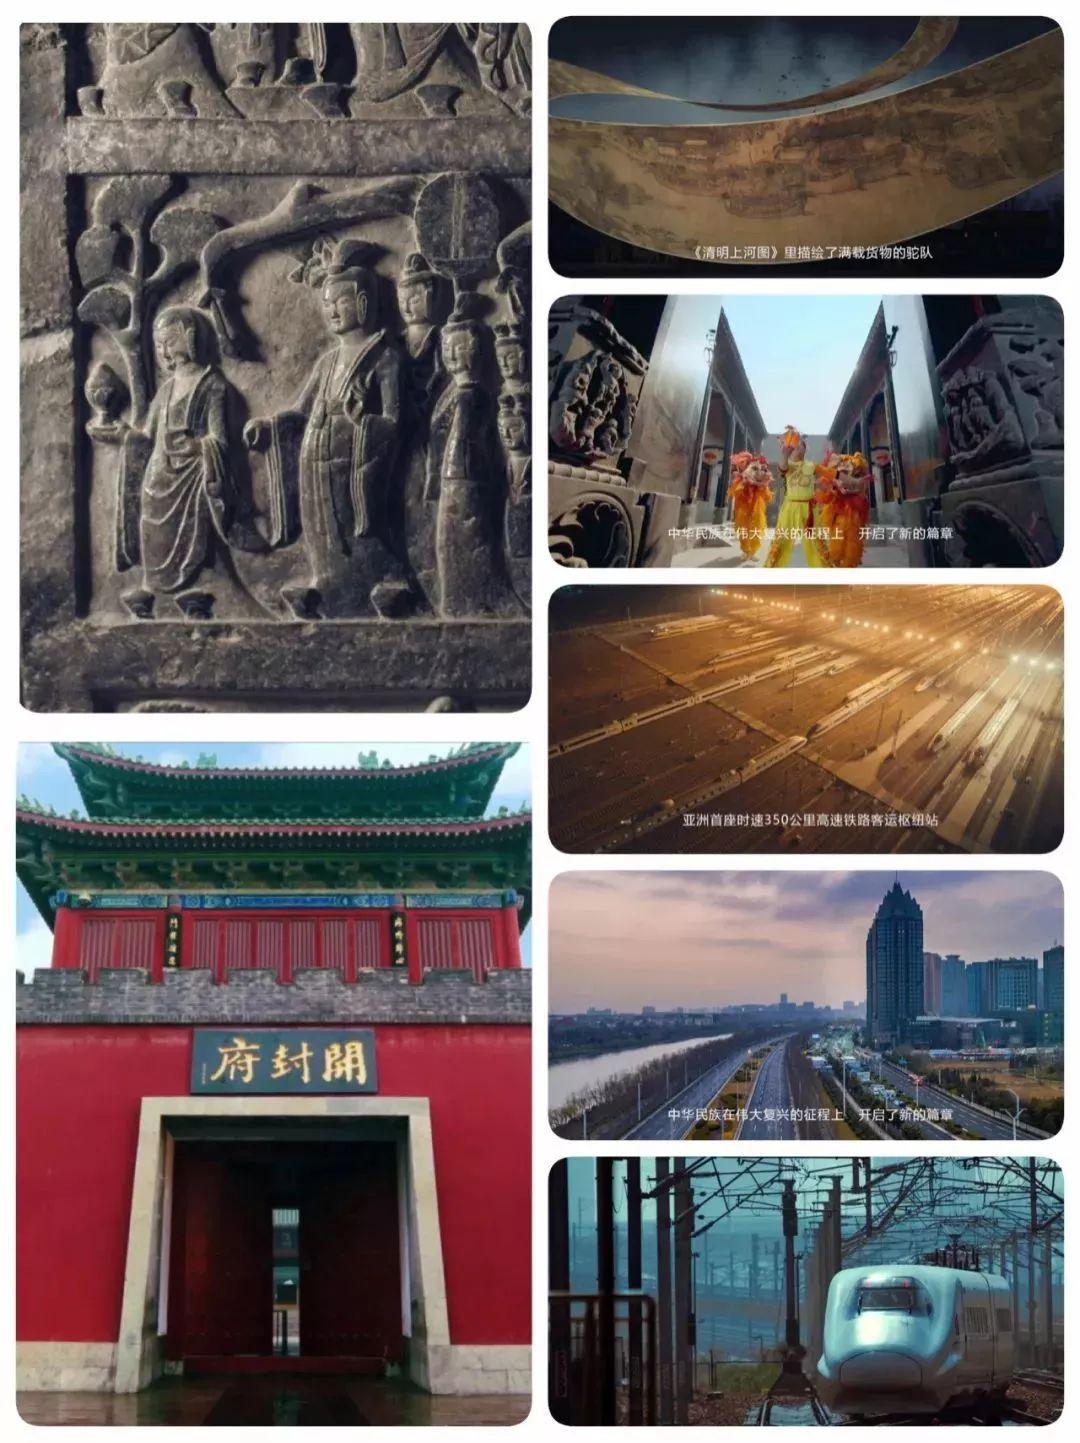 让全世界沸腾的8分钟河南宣传片 让你豫见整个中国